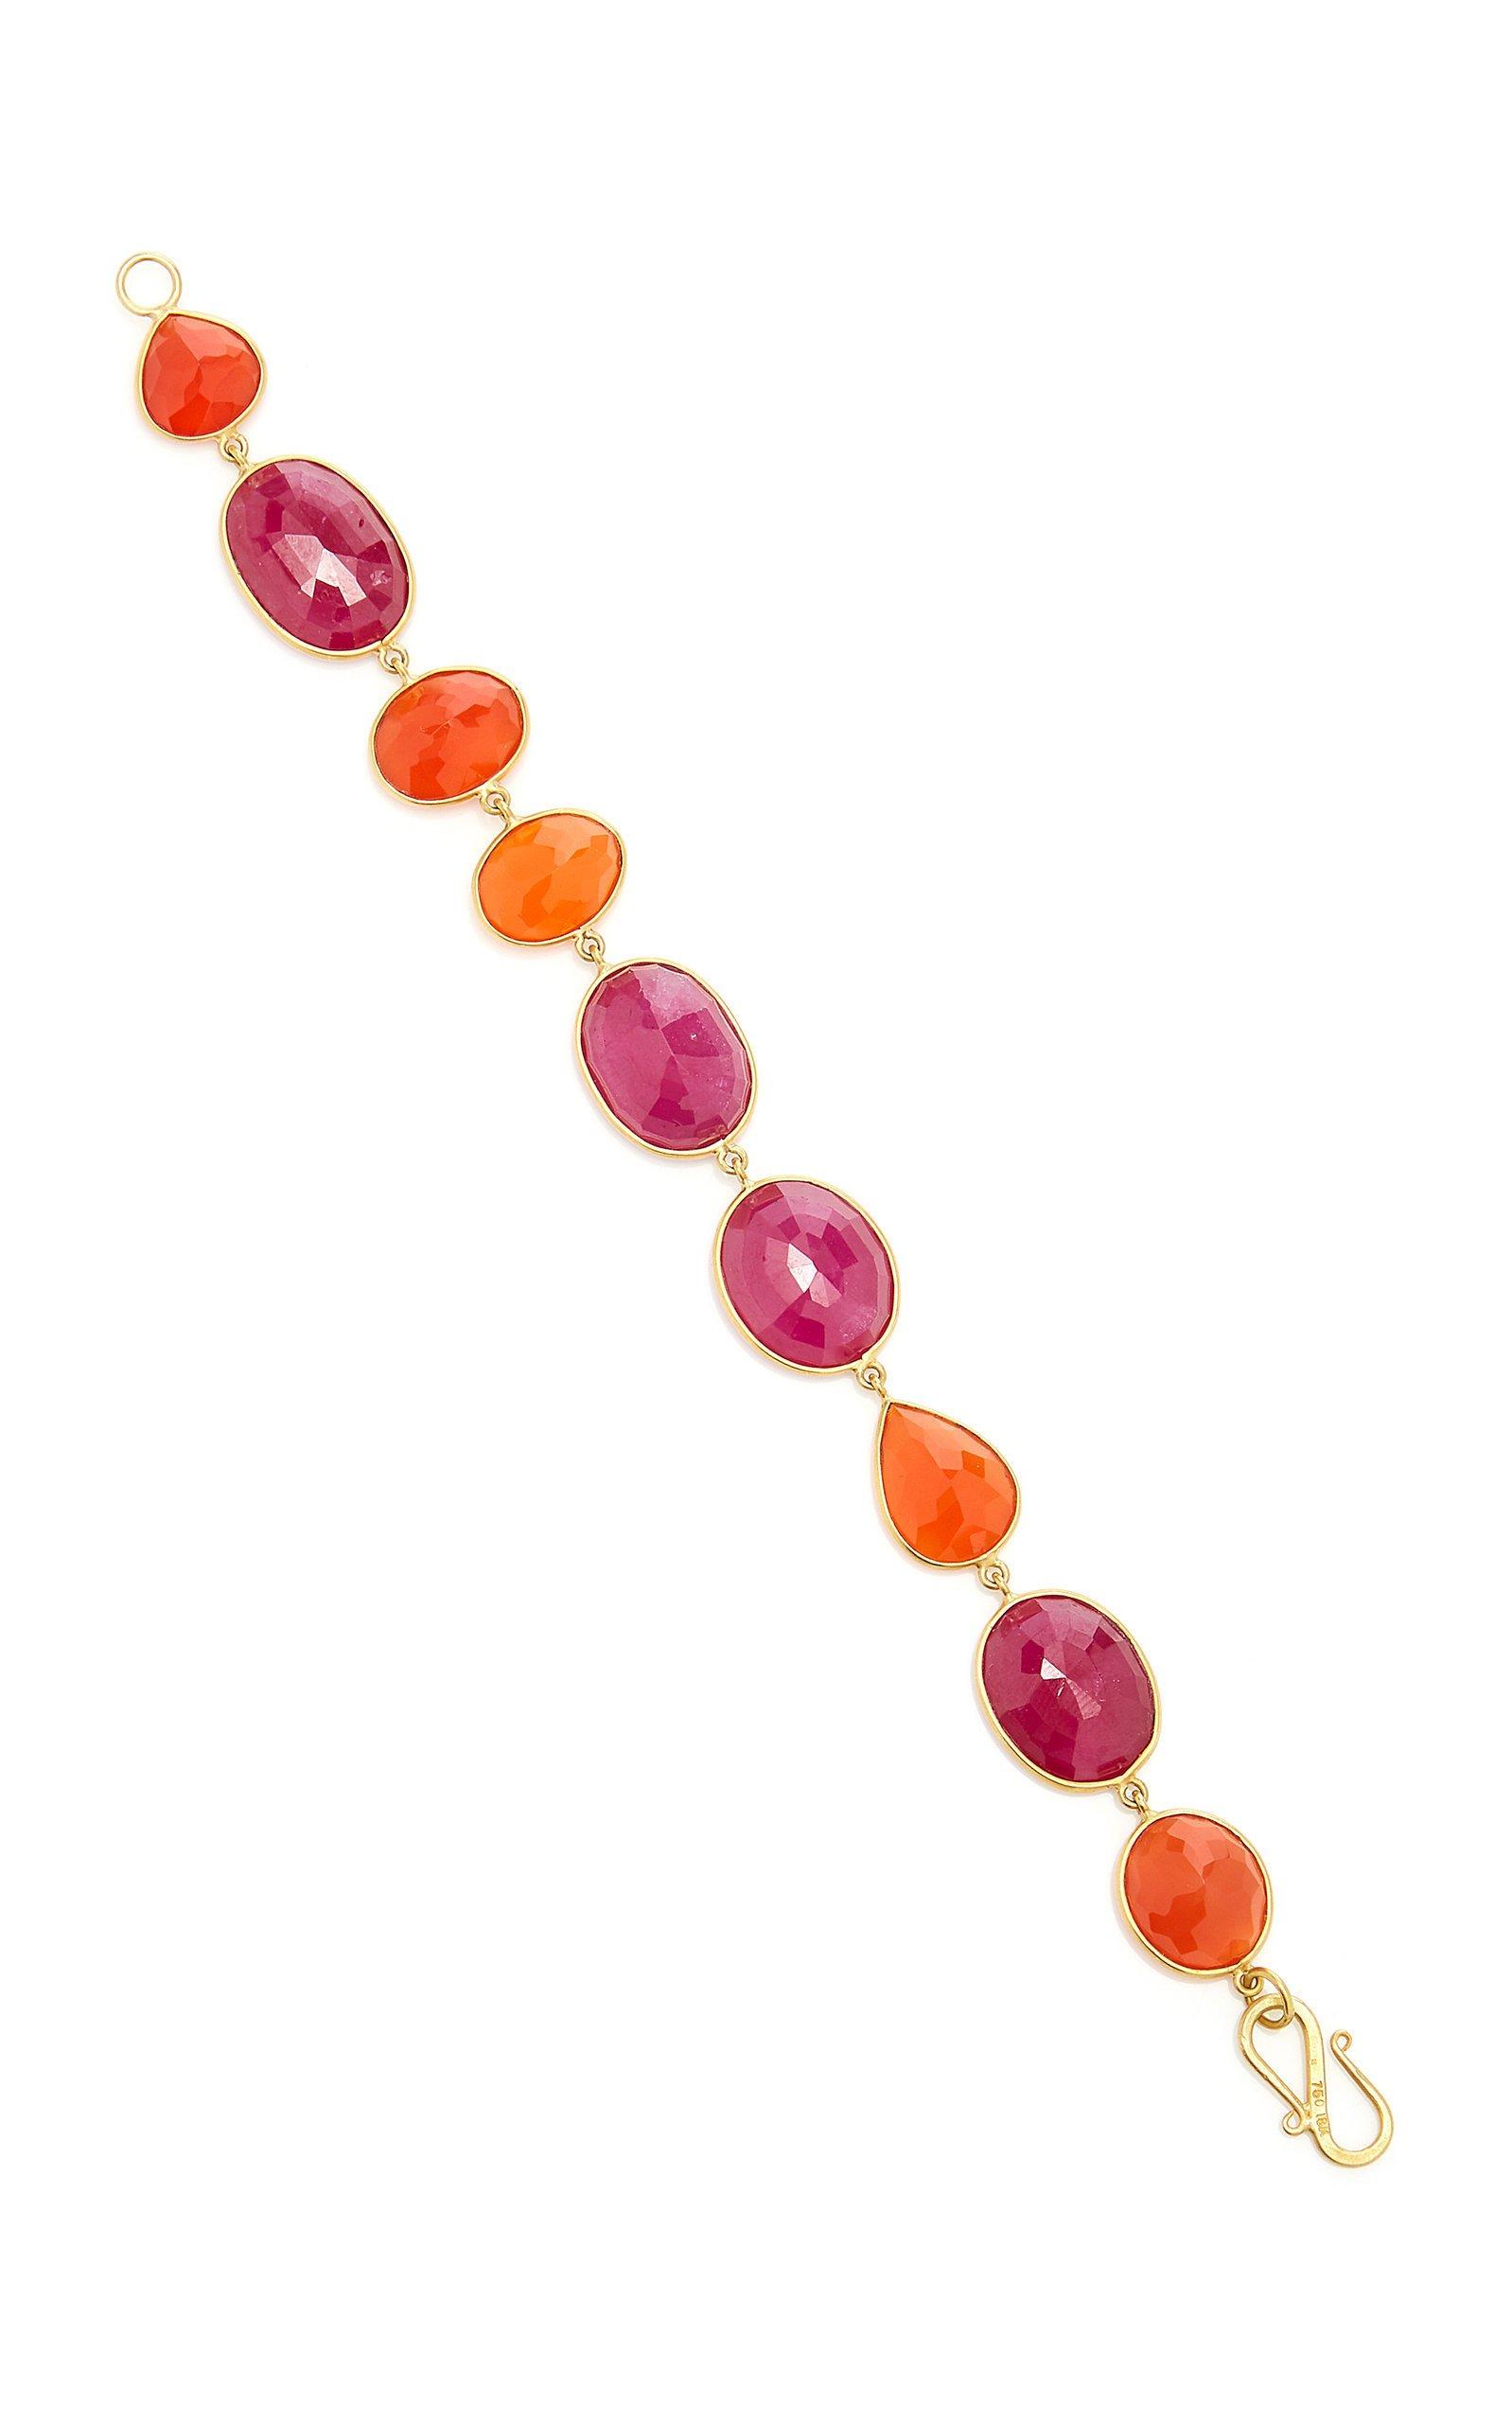 Bahina One of a Kind Ruby and Carnelian Bracelet